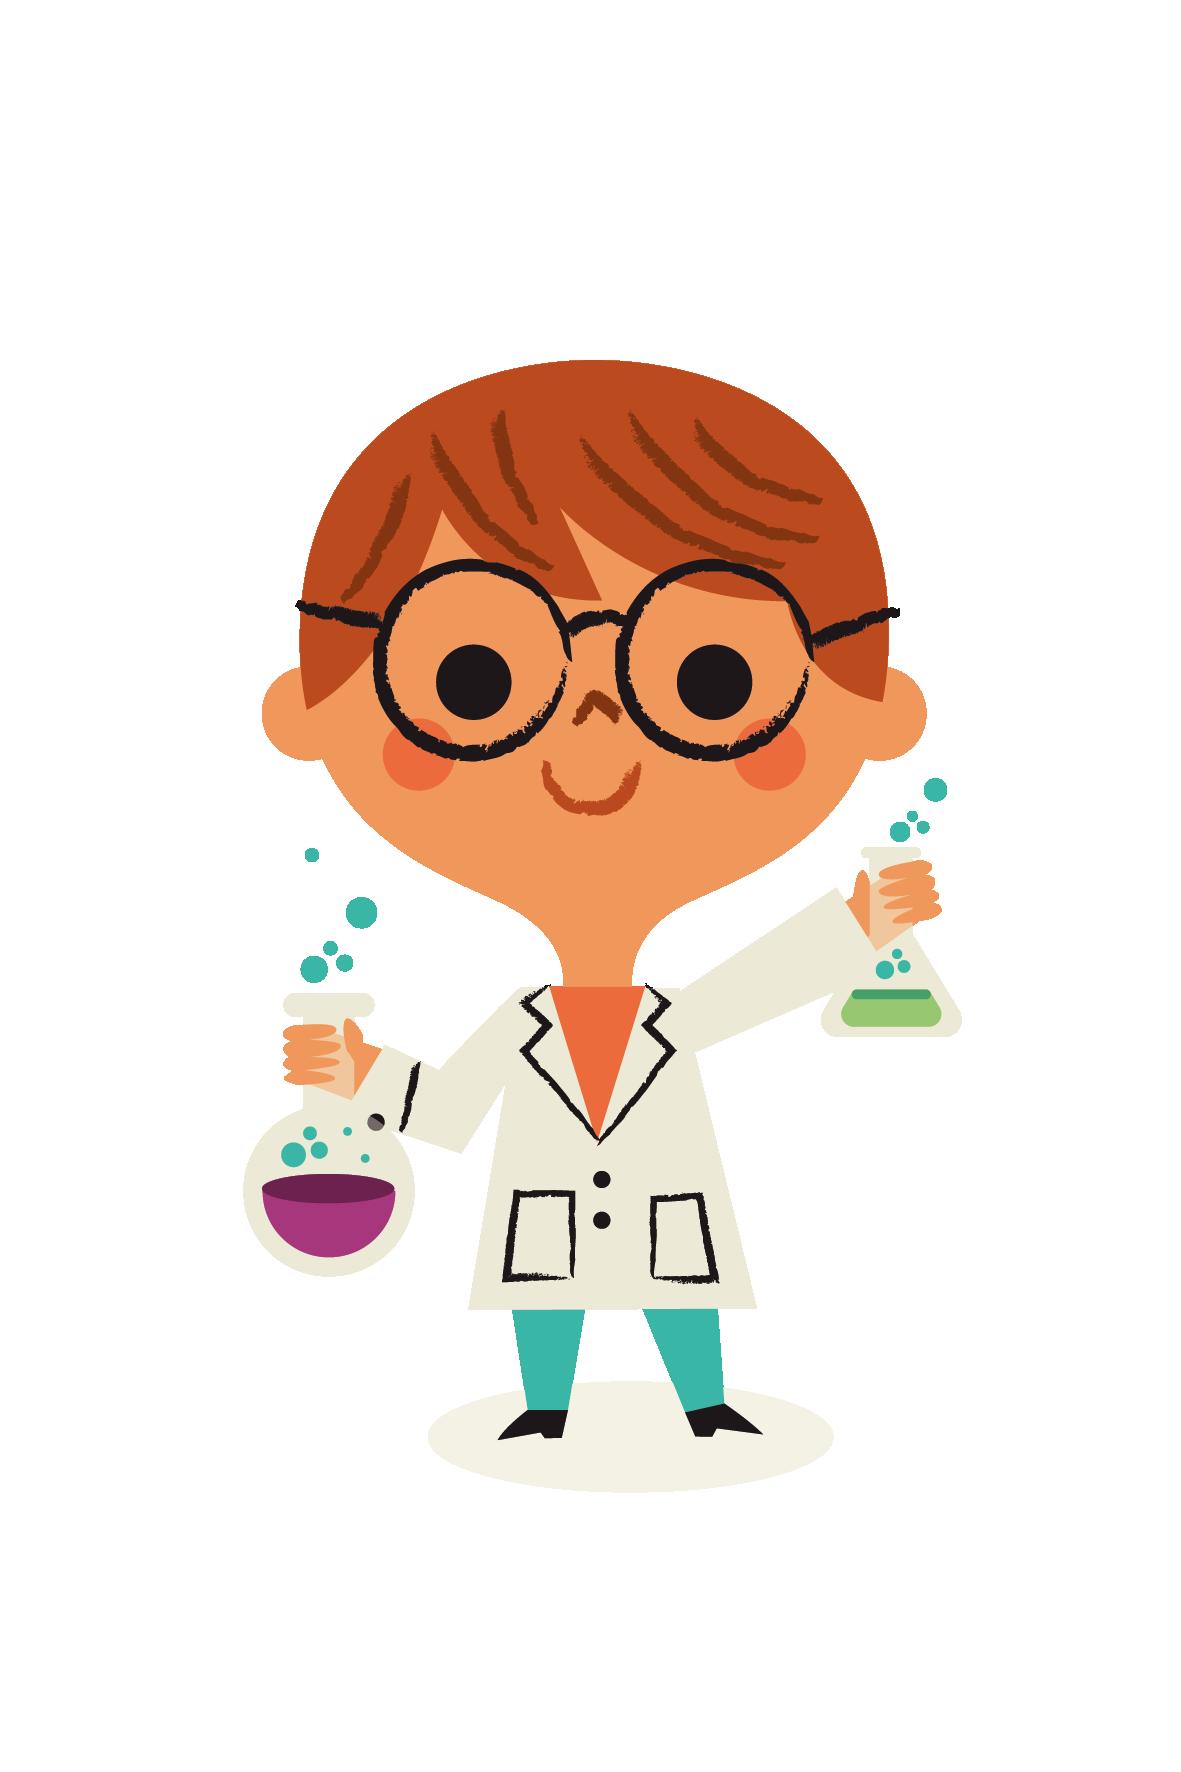 ciencia. Eventos científicos - Cientifico PNG